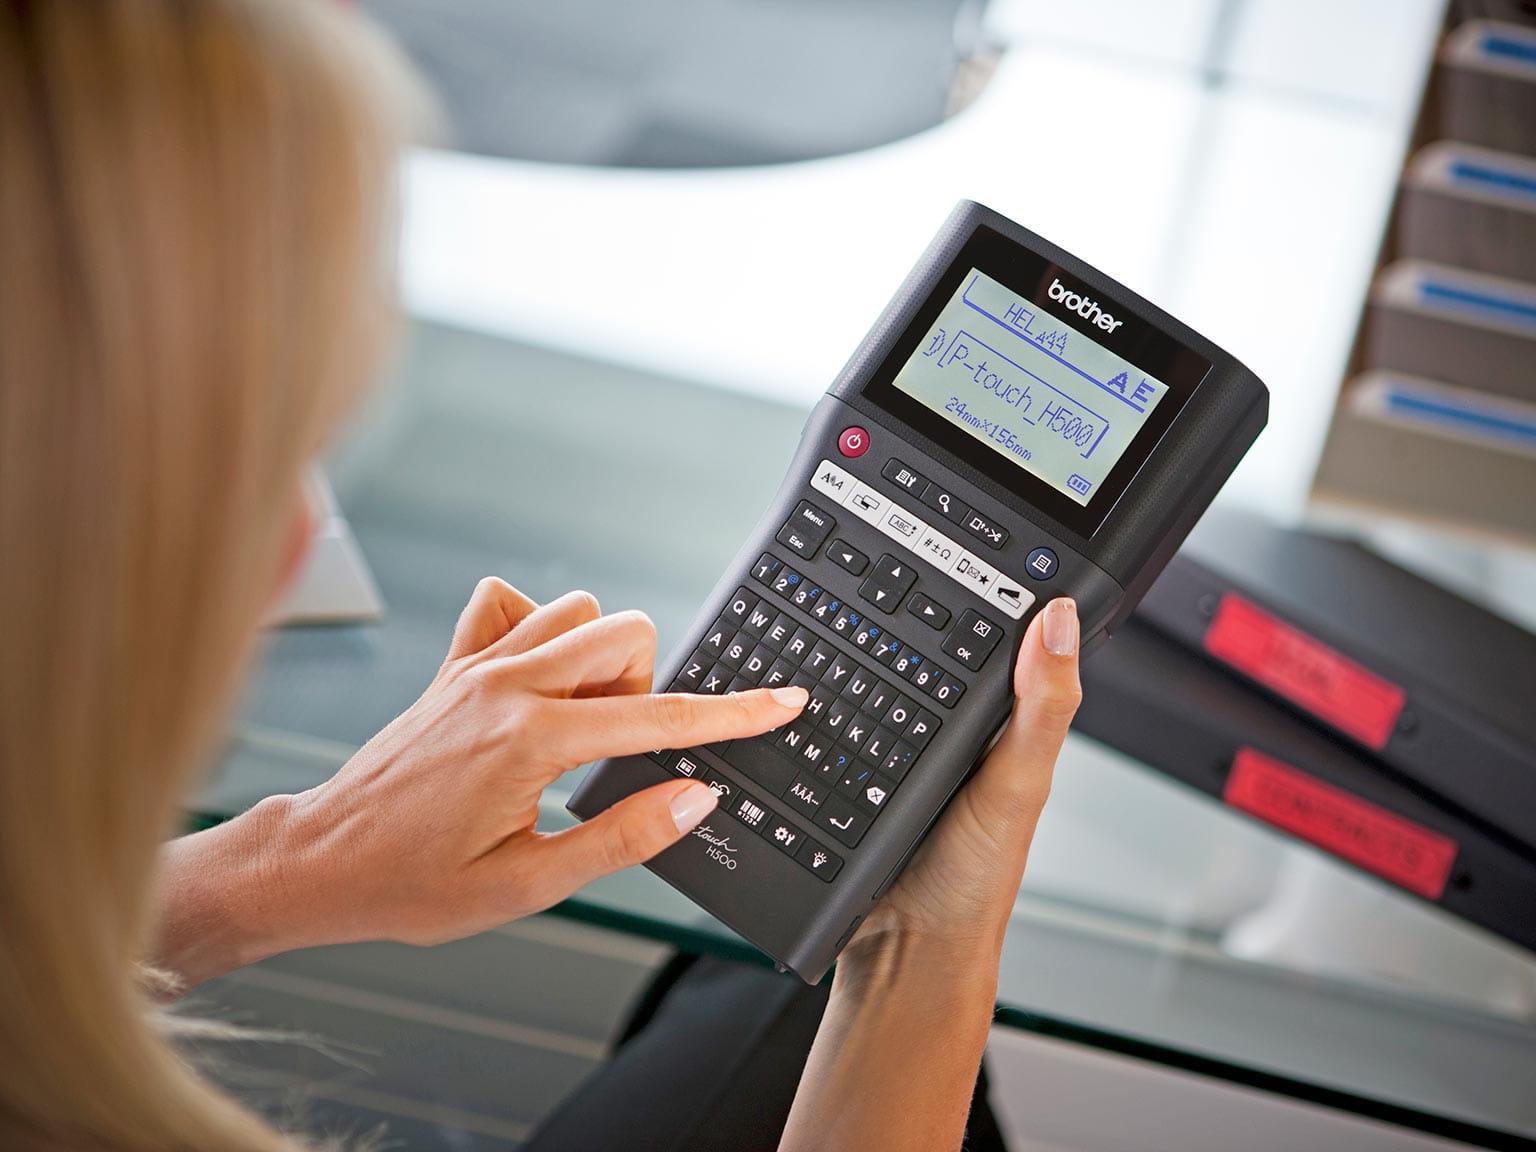 Tiskárna štítků P-touch H500 v ruce správce zařízení